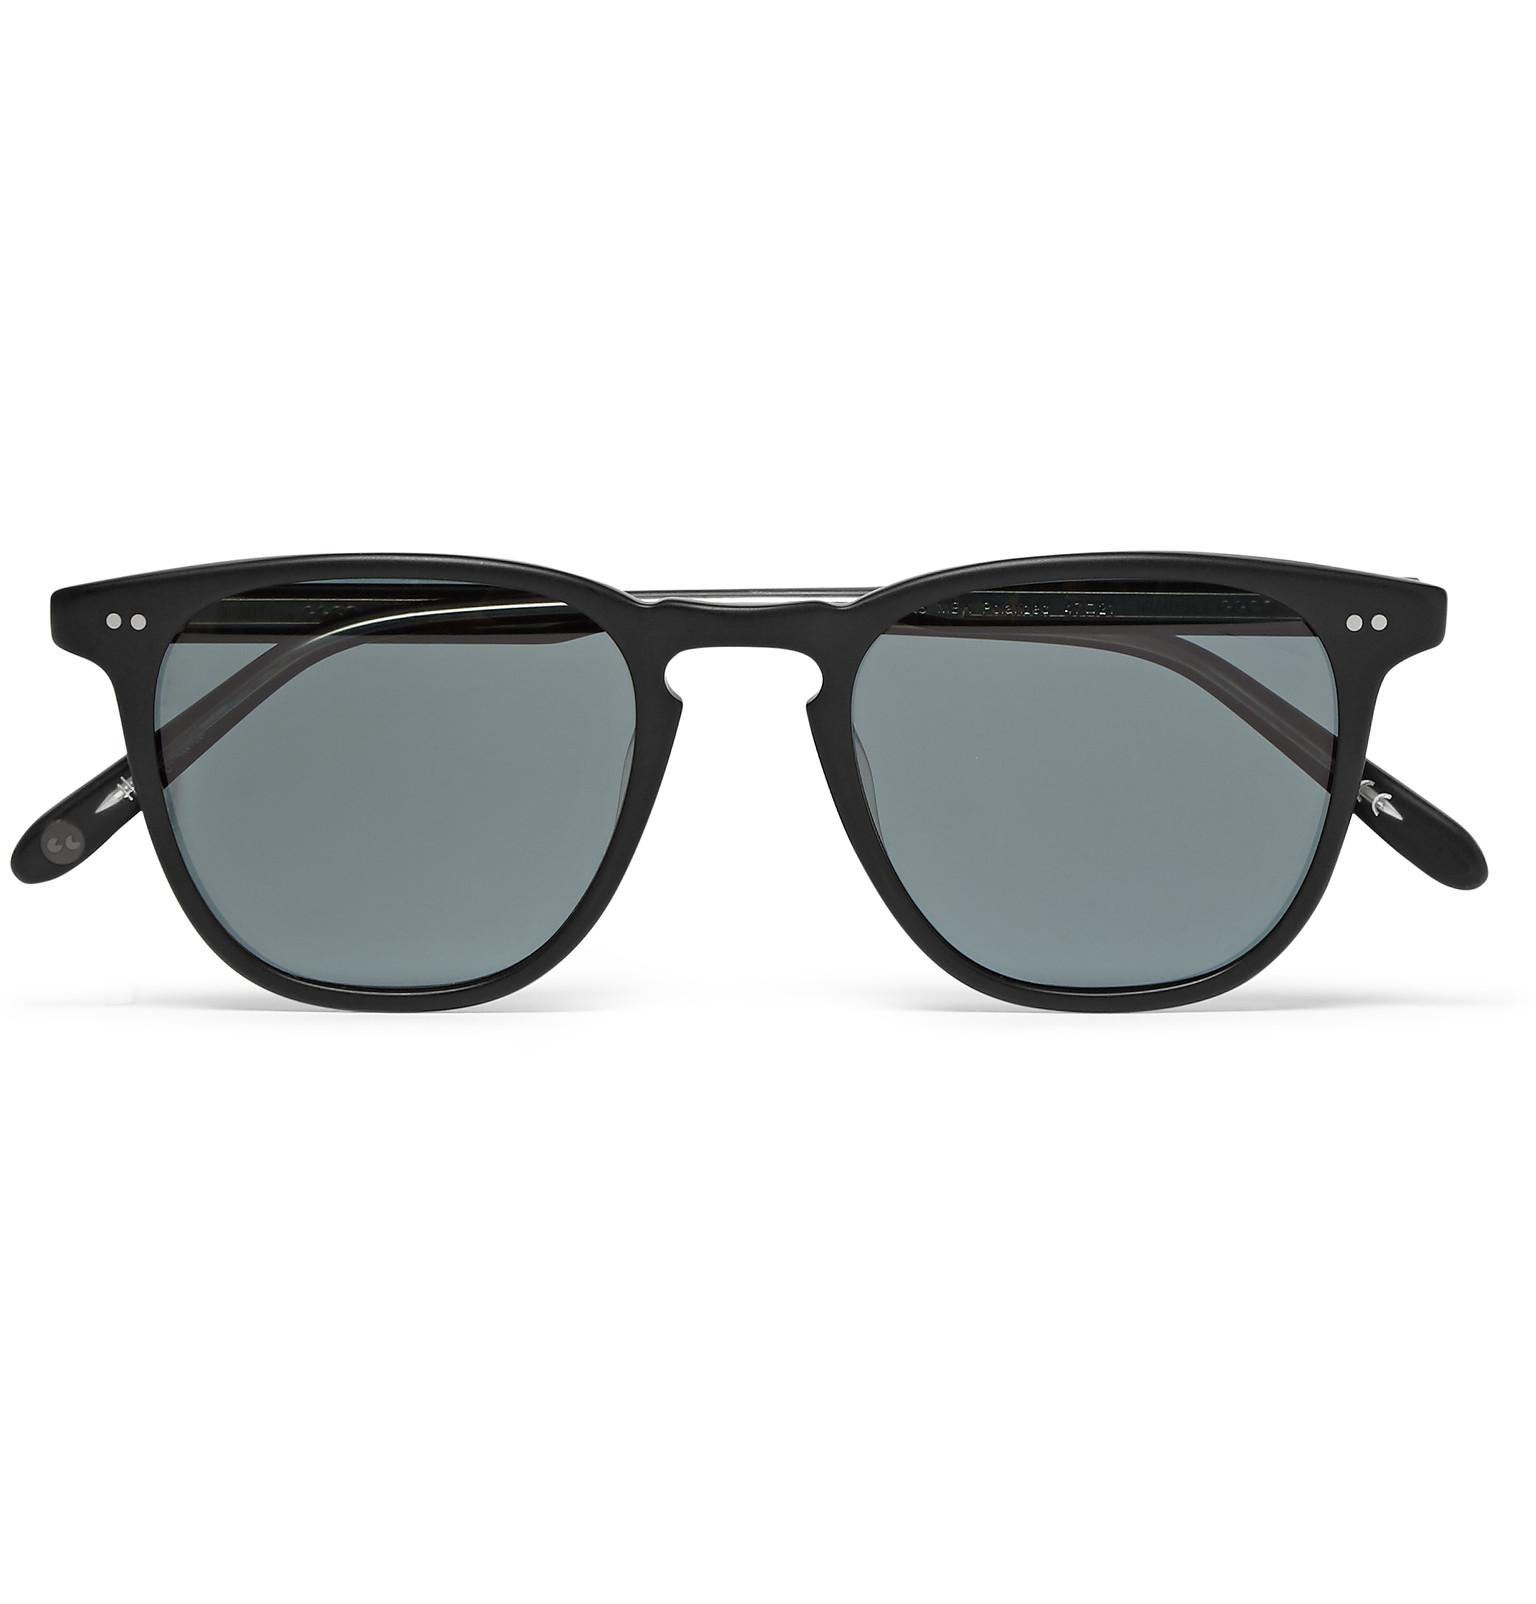 Round In Sunglasses Garrett Brooks Polarised Acetate Frame Leight qwfTE